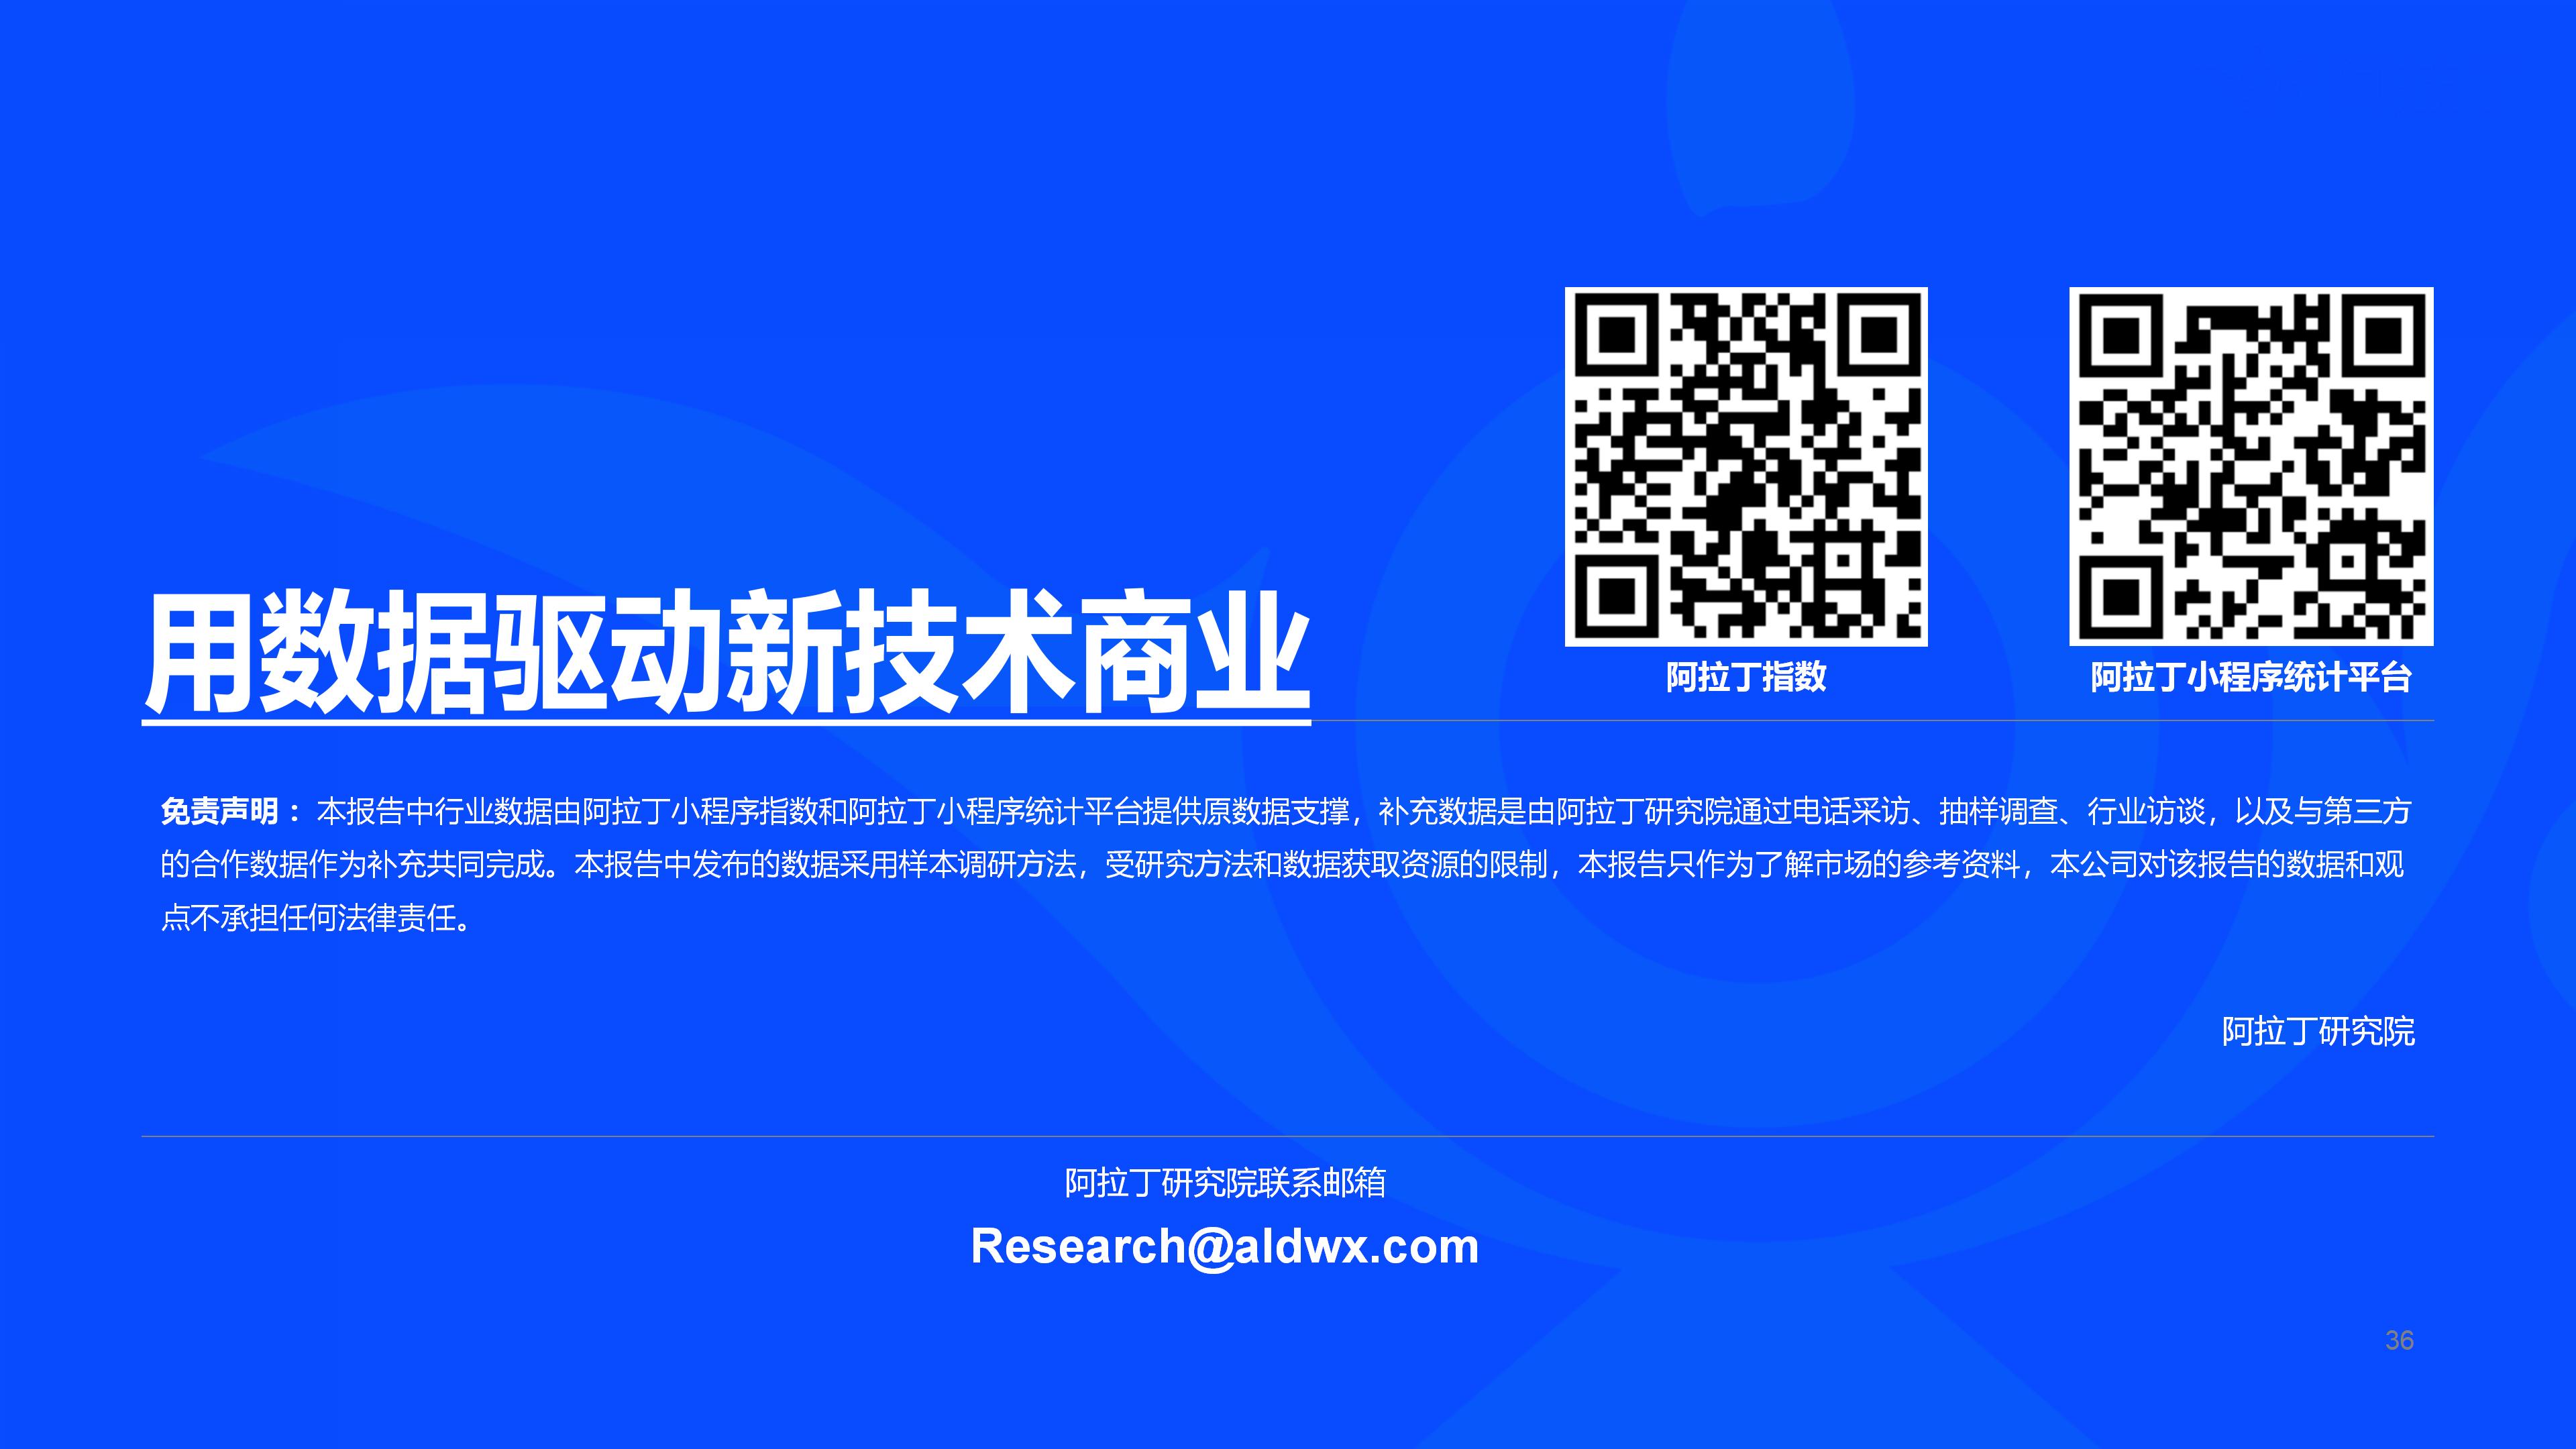 2019年3月中国小程序行业月度报告v5(1)_36.png